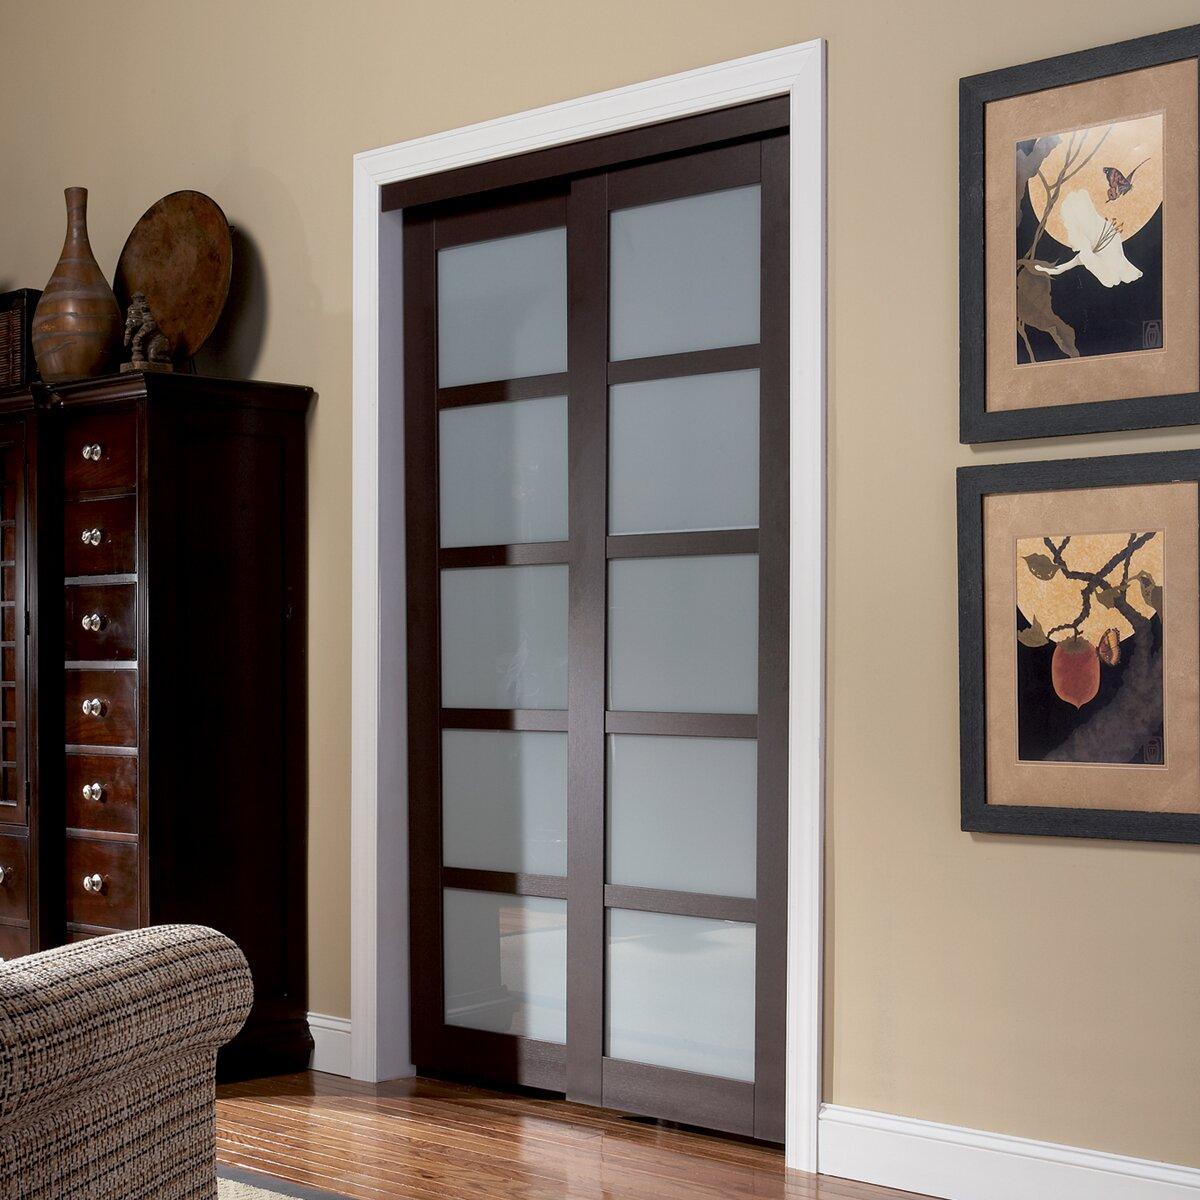 erias home designs baldarassario 2 panel painted sliding interior door